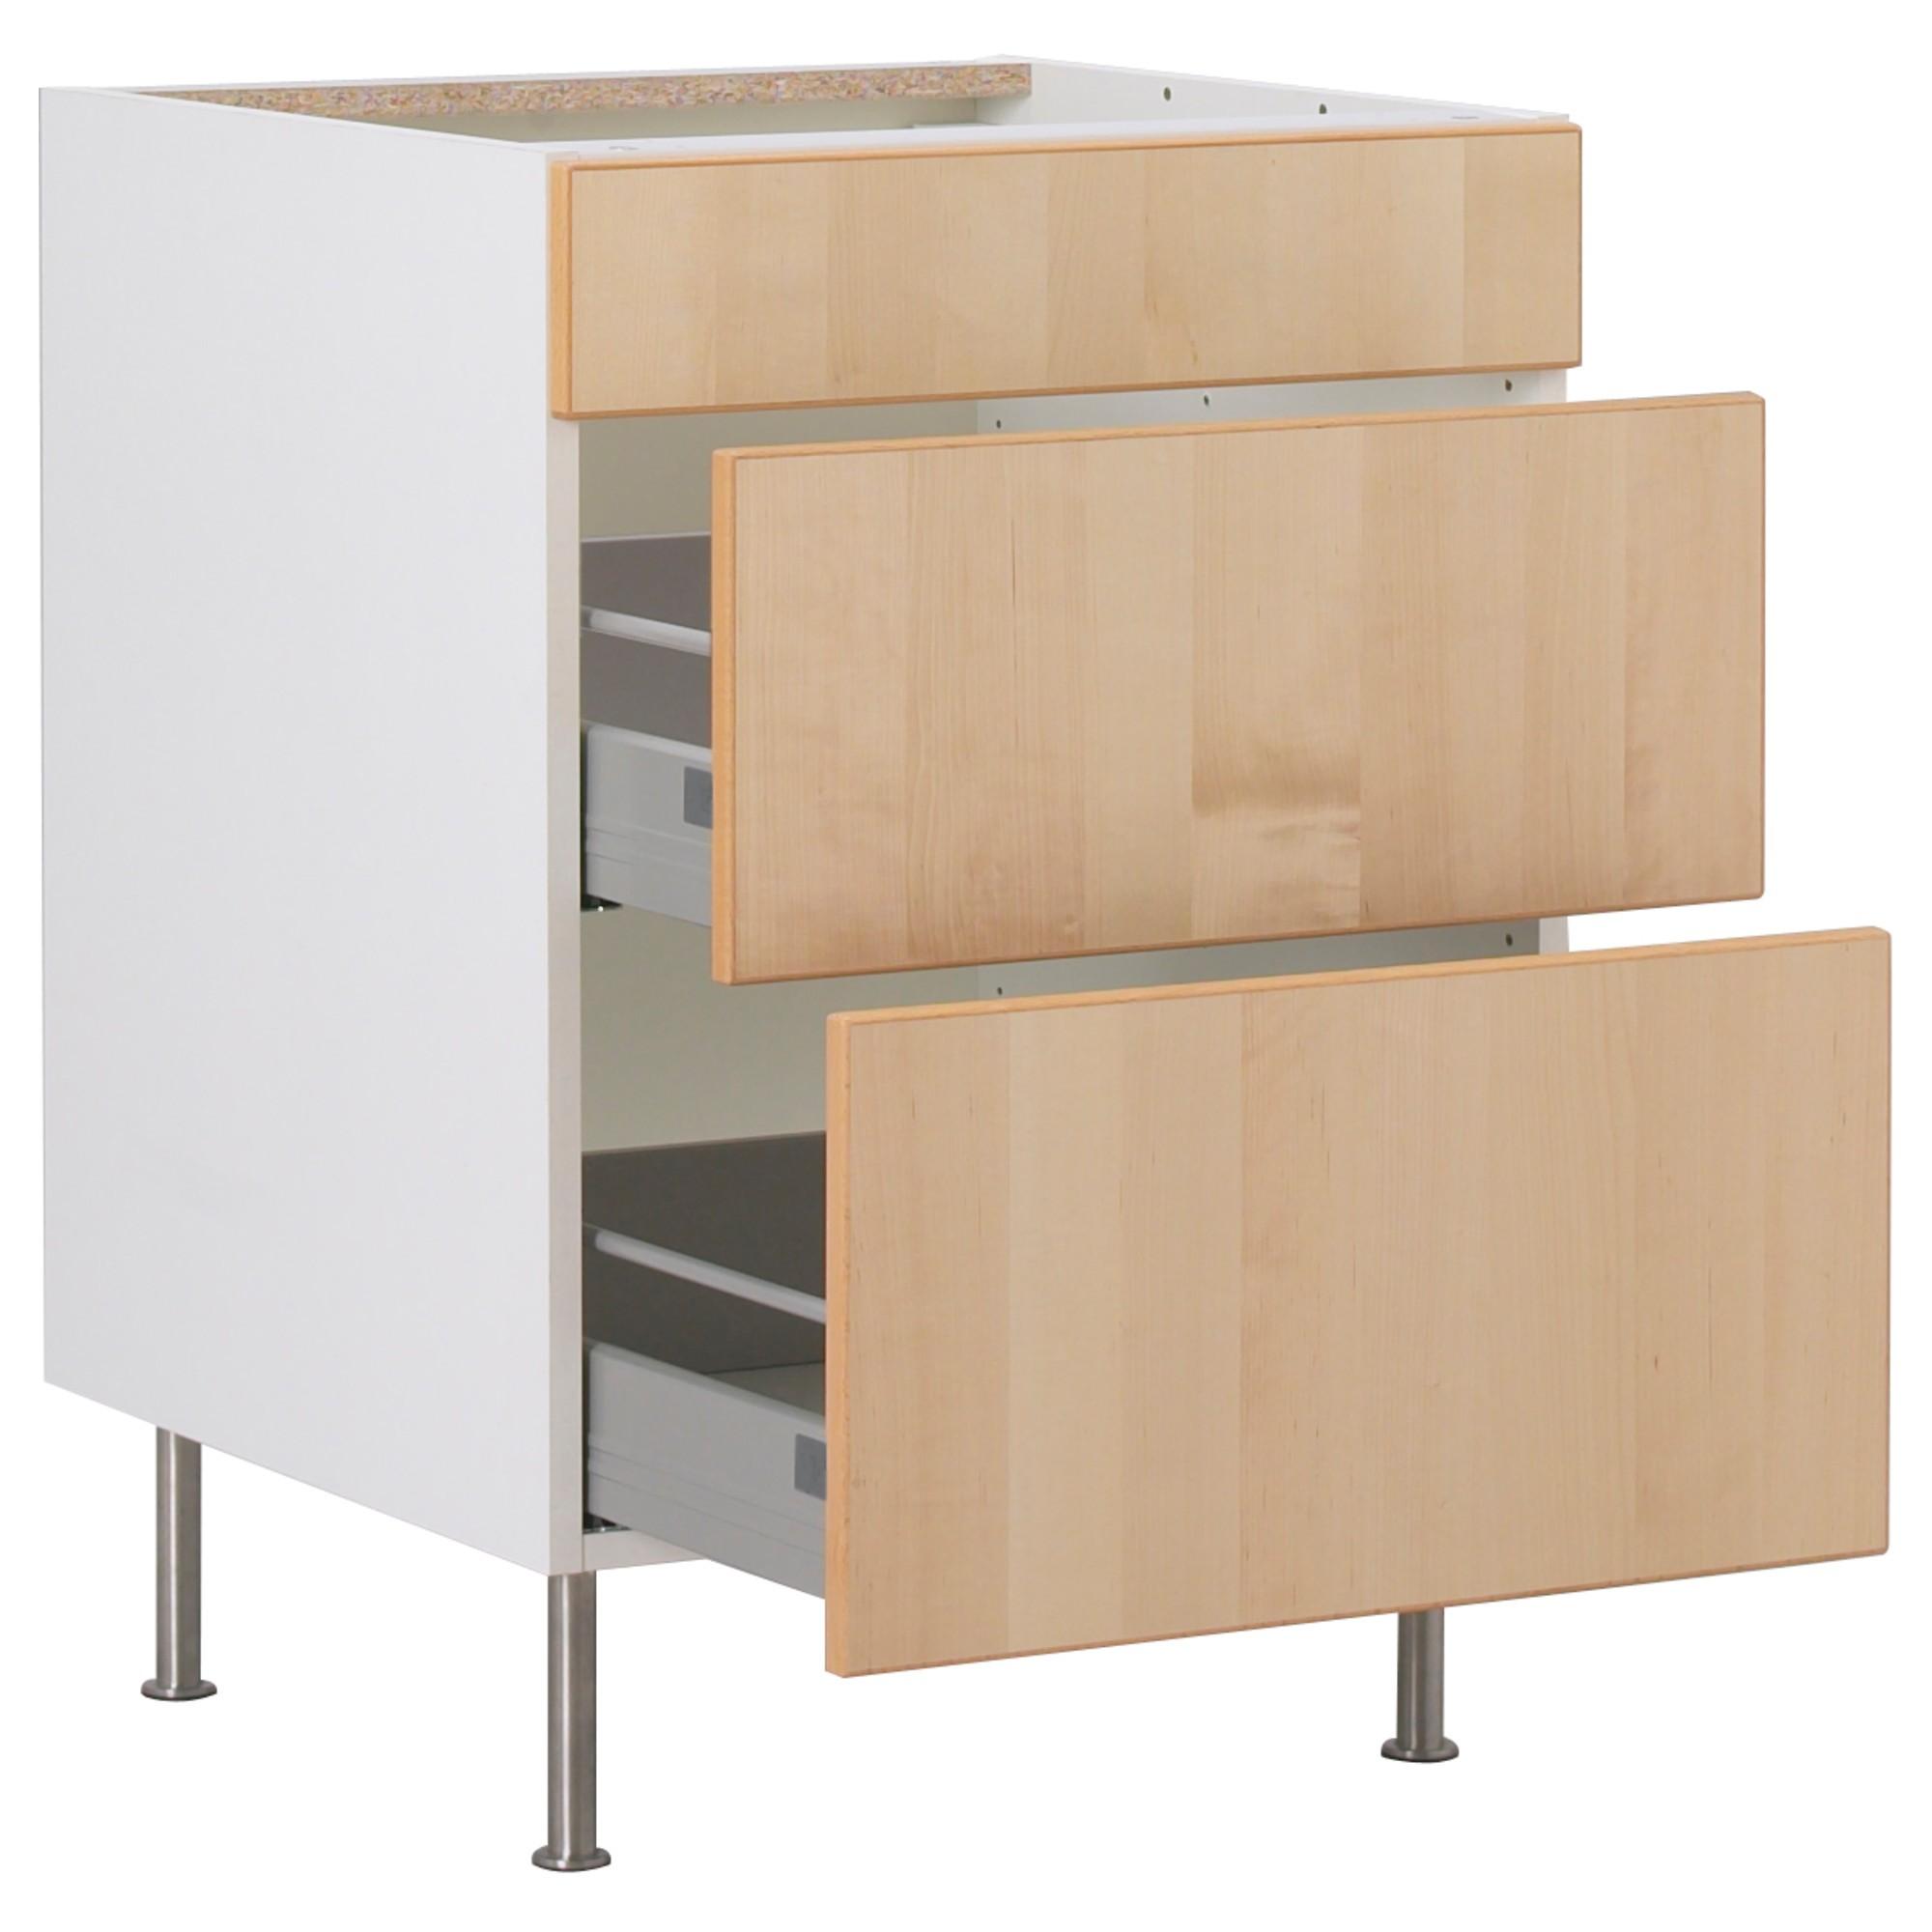 Ikea Meuble Cuisine Bas 50 Cm